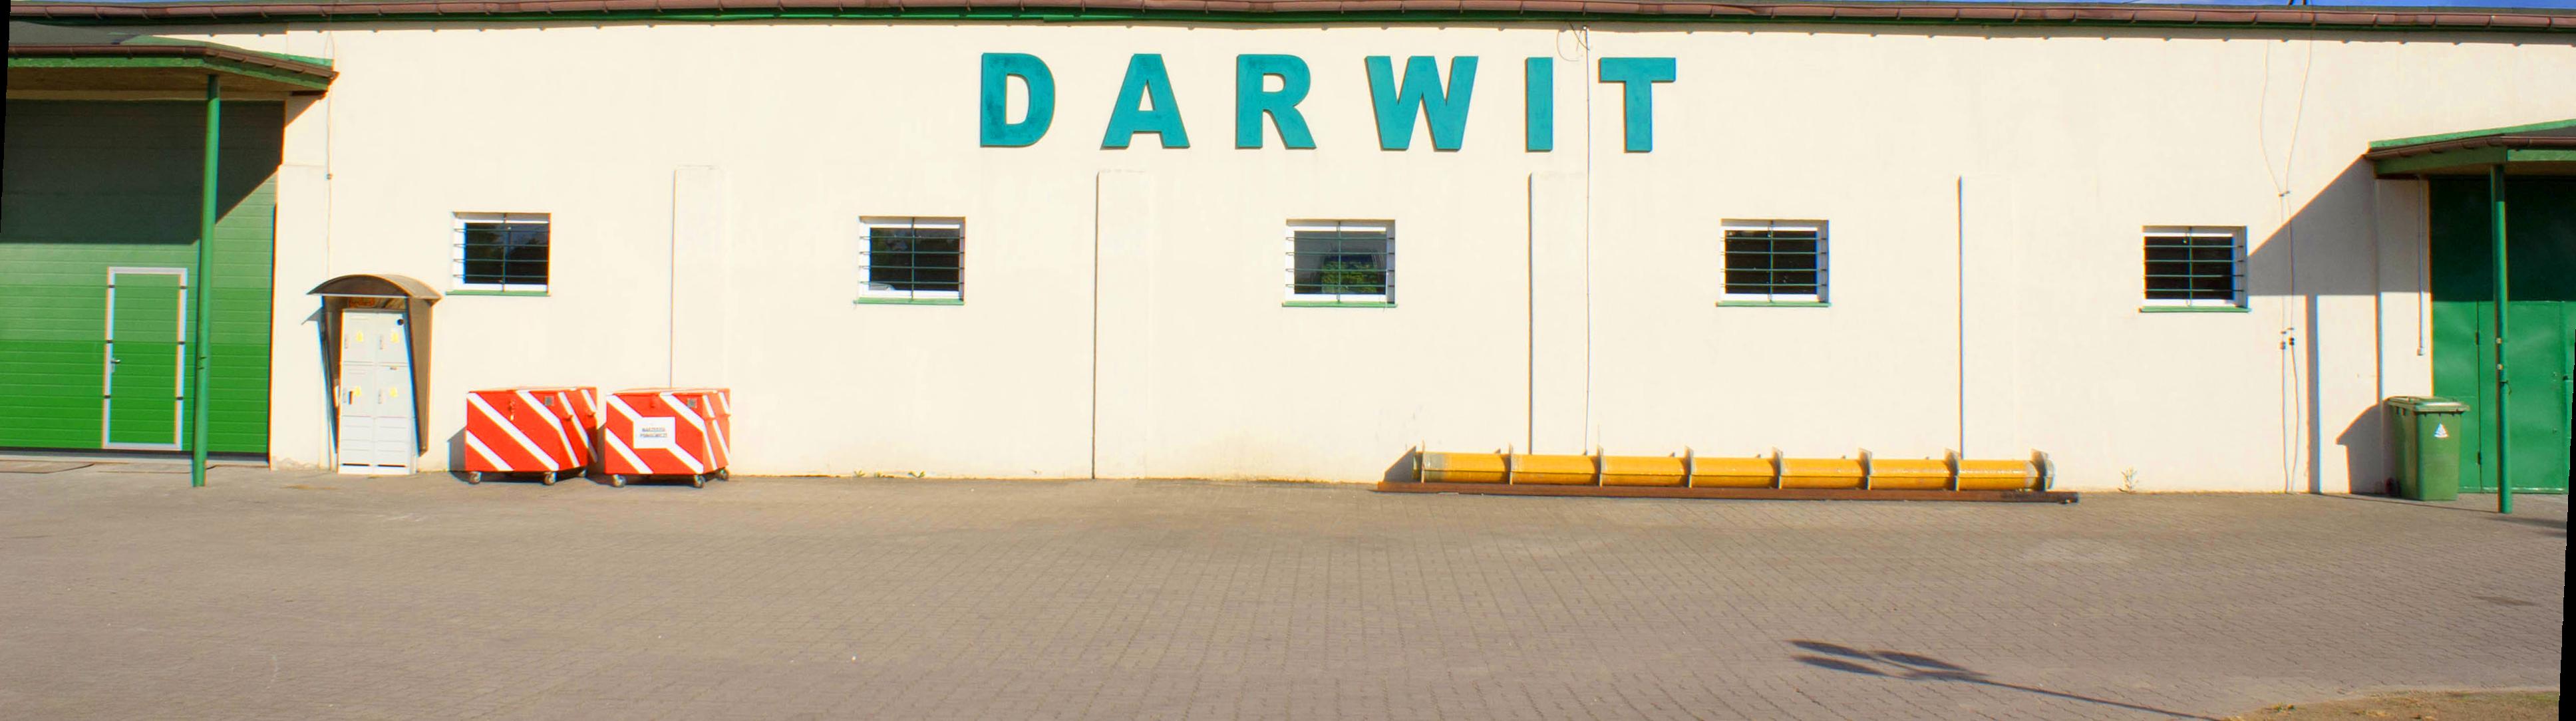 darwit